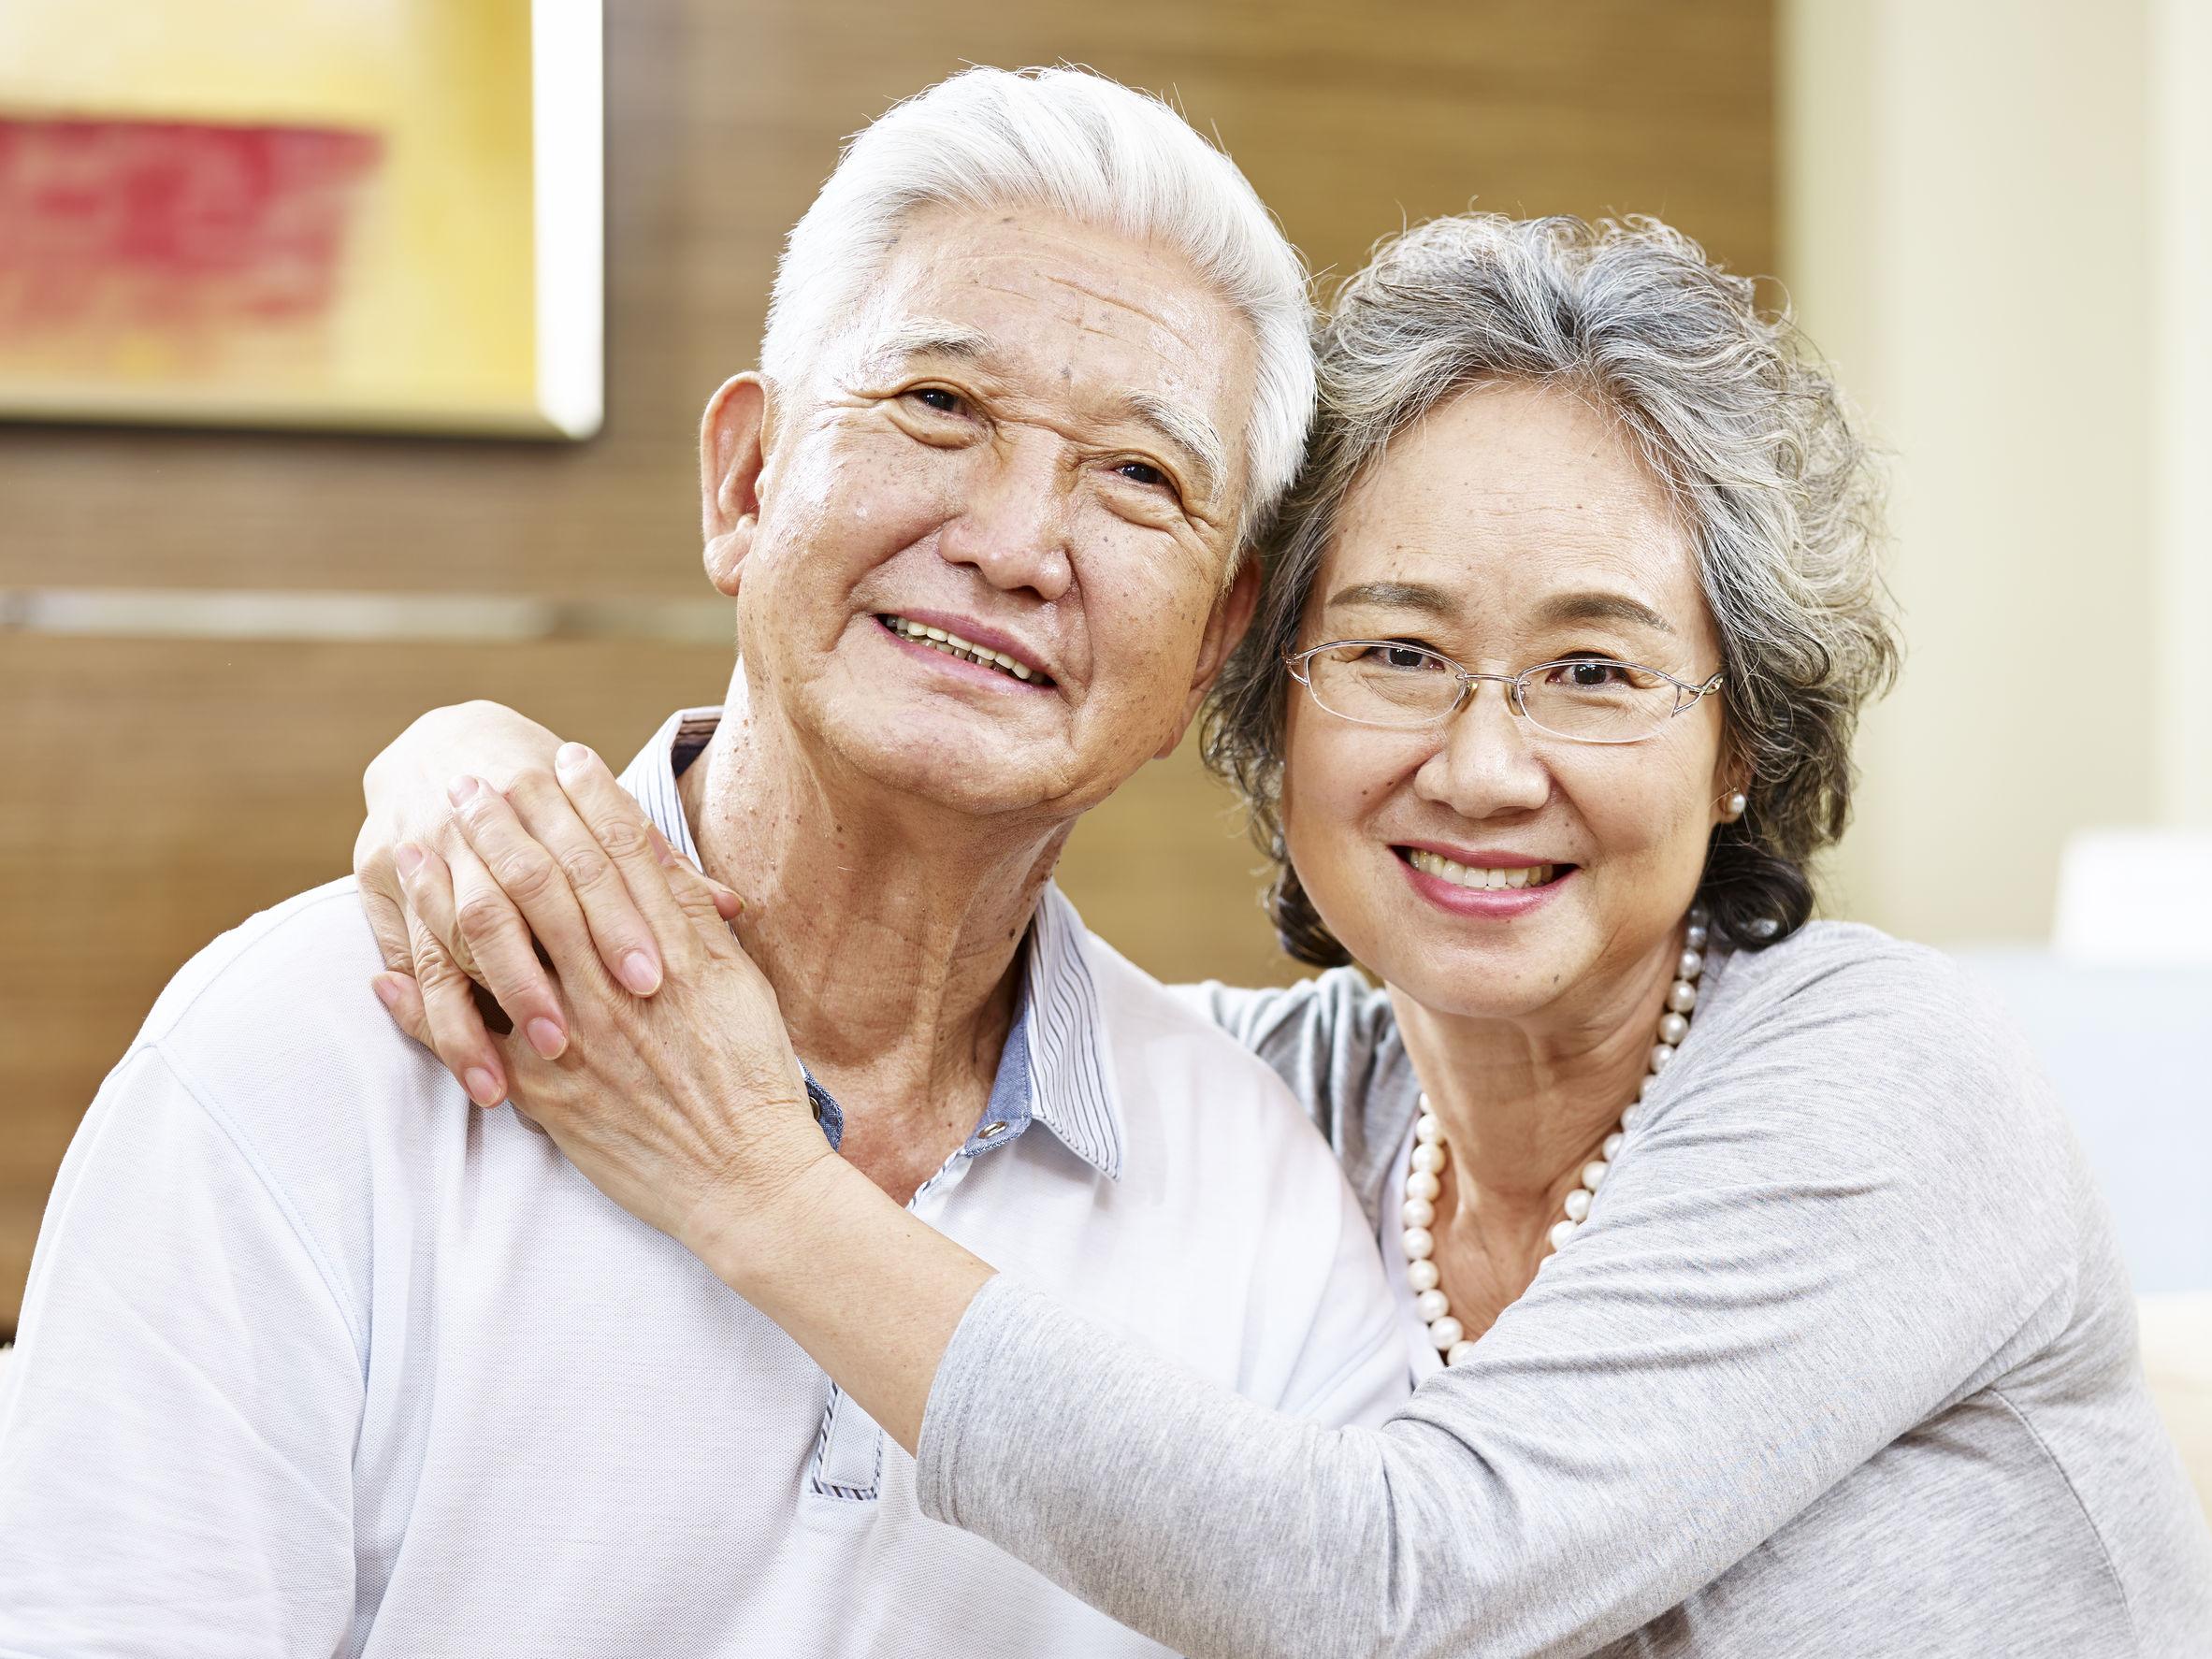 Bagaimana Perbedaan Proses Menua pada Pria dan Wanita?